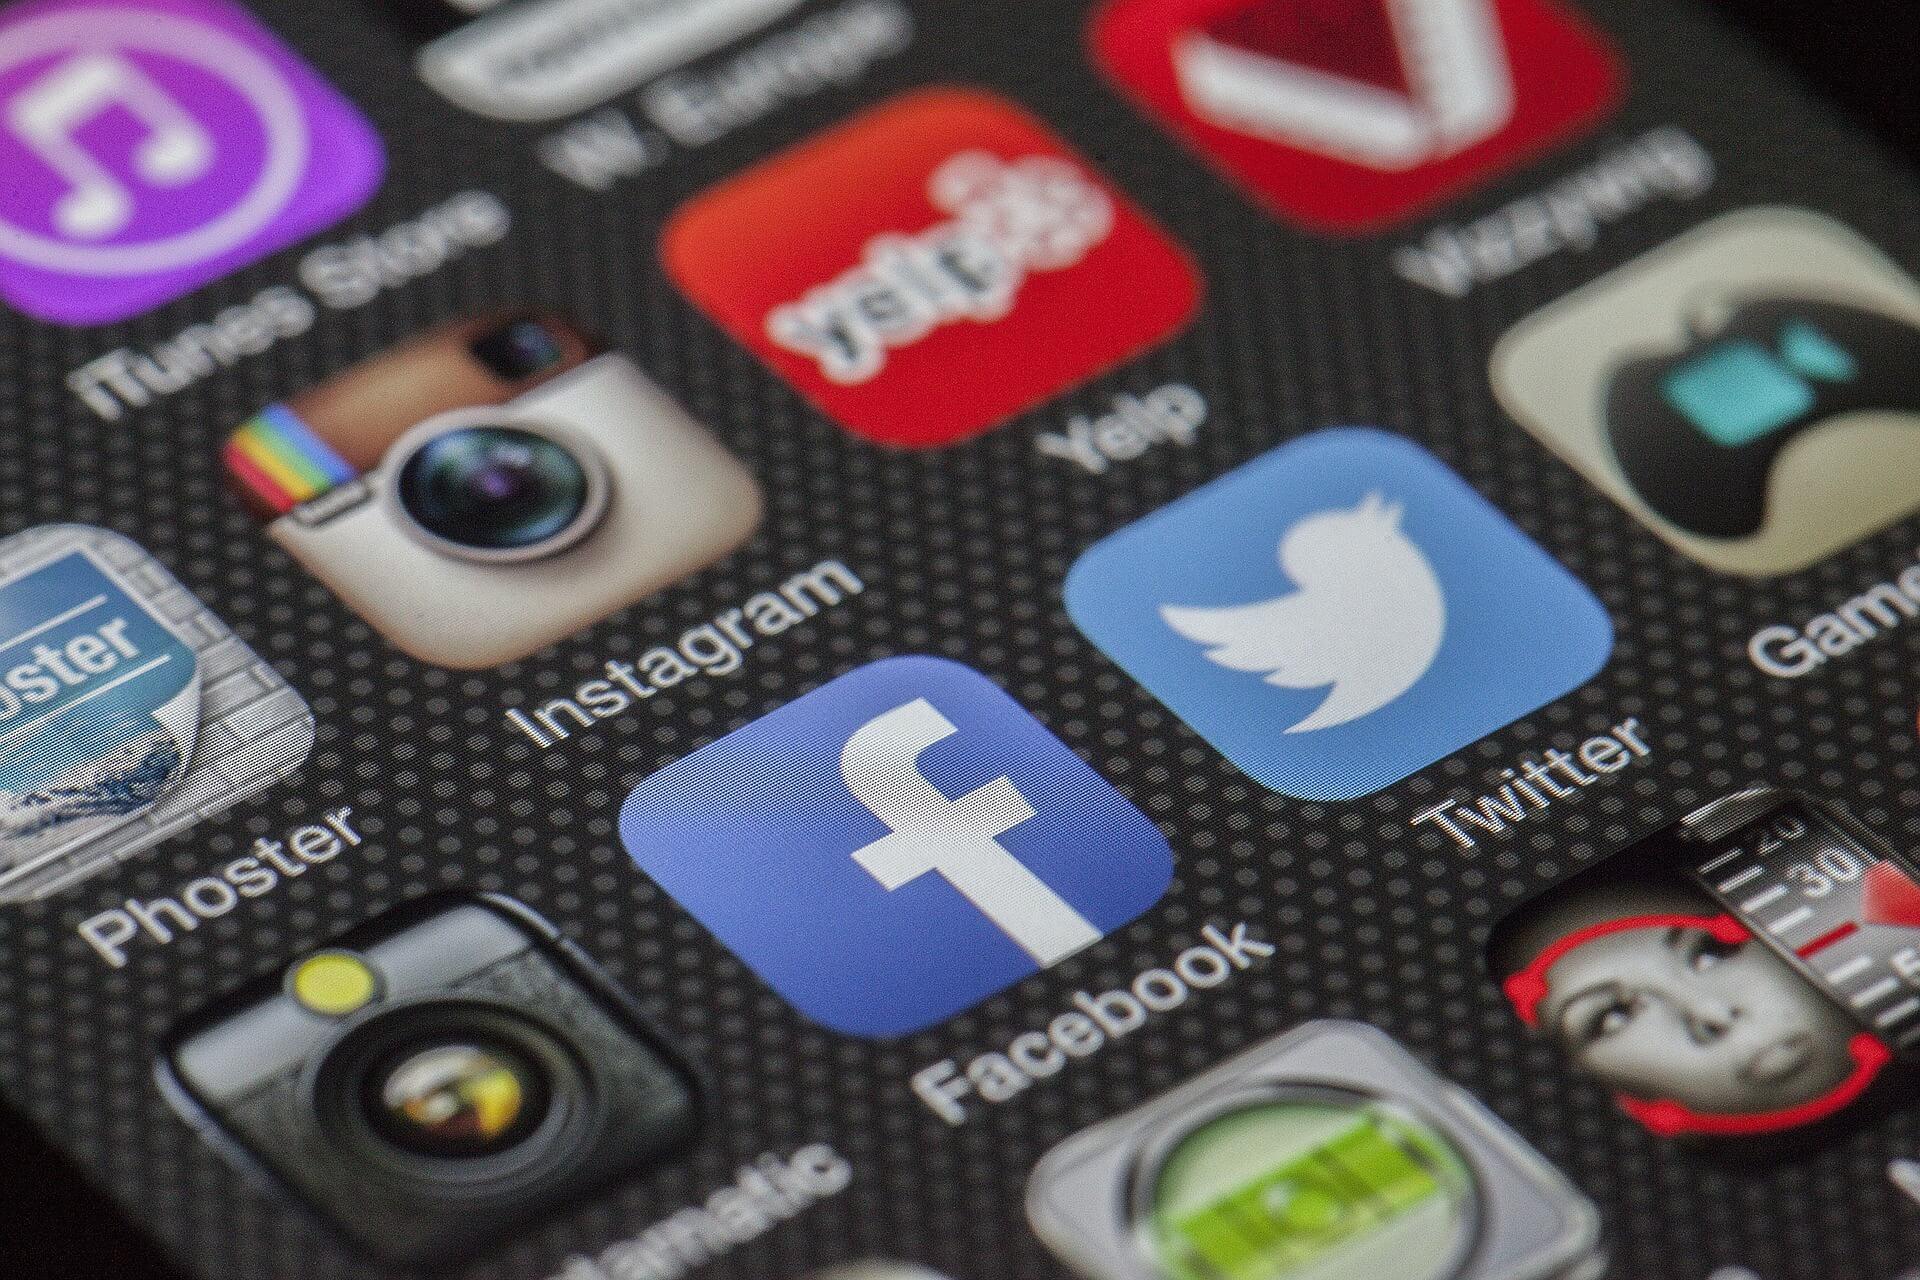 В Facebook удалили сотни аккаунтов, связанных c пропагандистским Sputnik и фейками об Украине